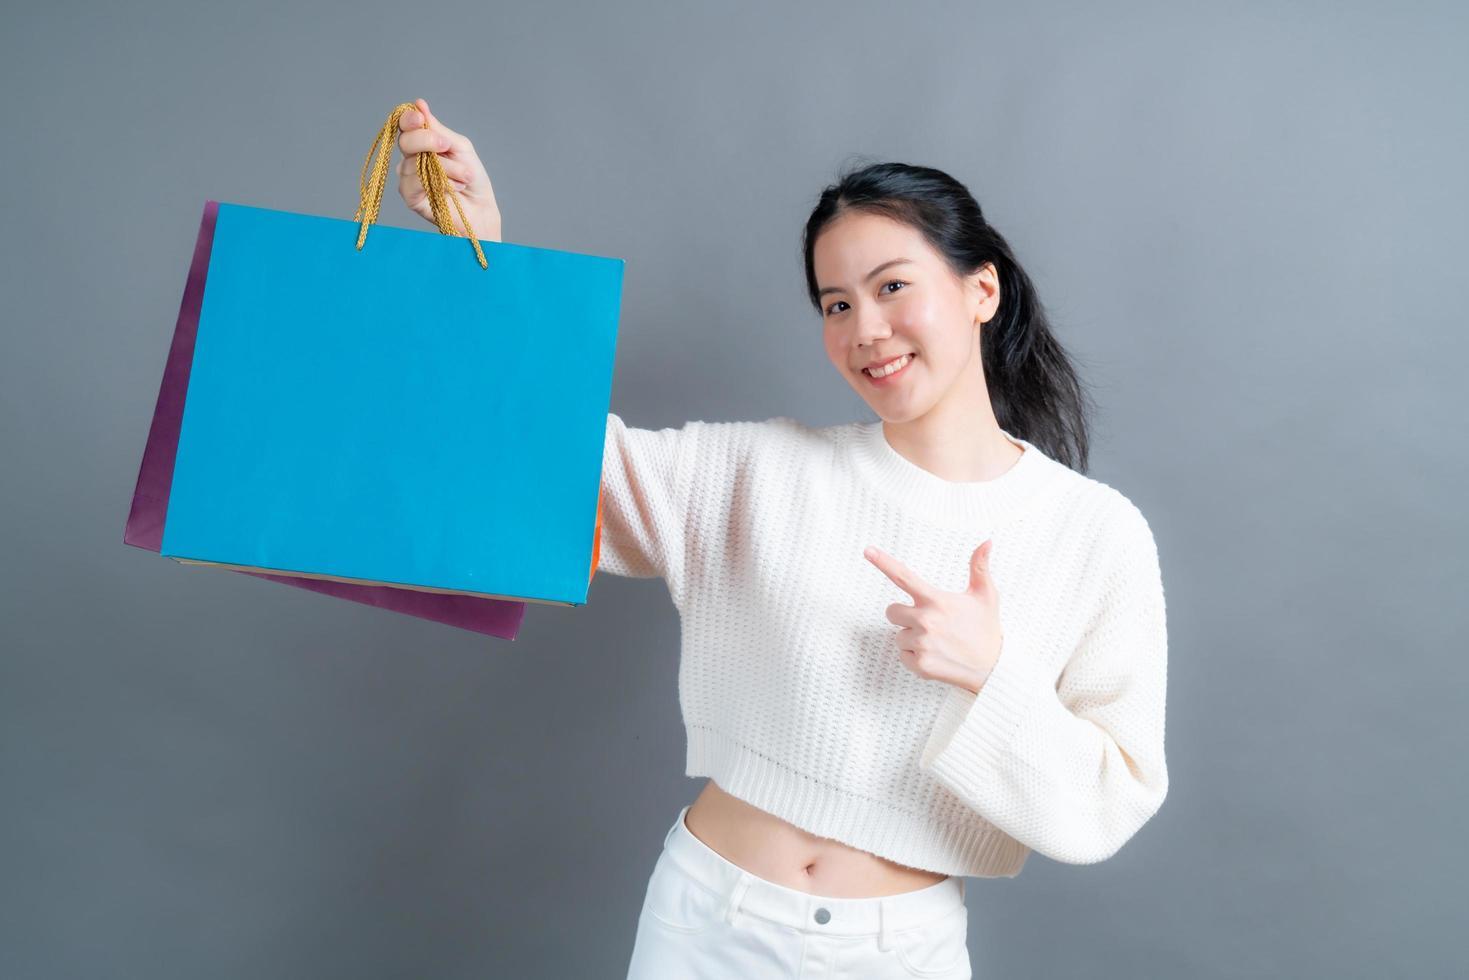 femme asiatique tenant des sacs à provisions photo